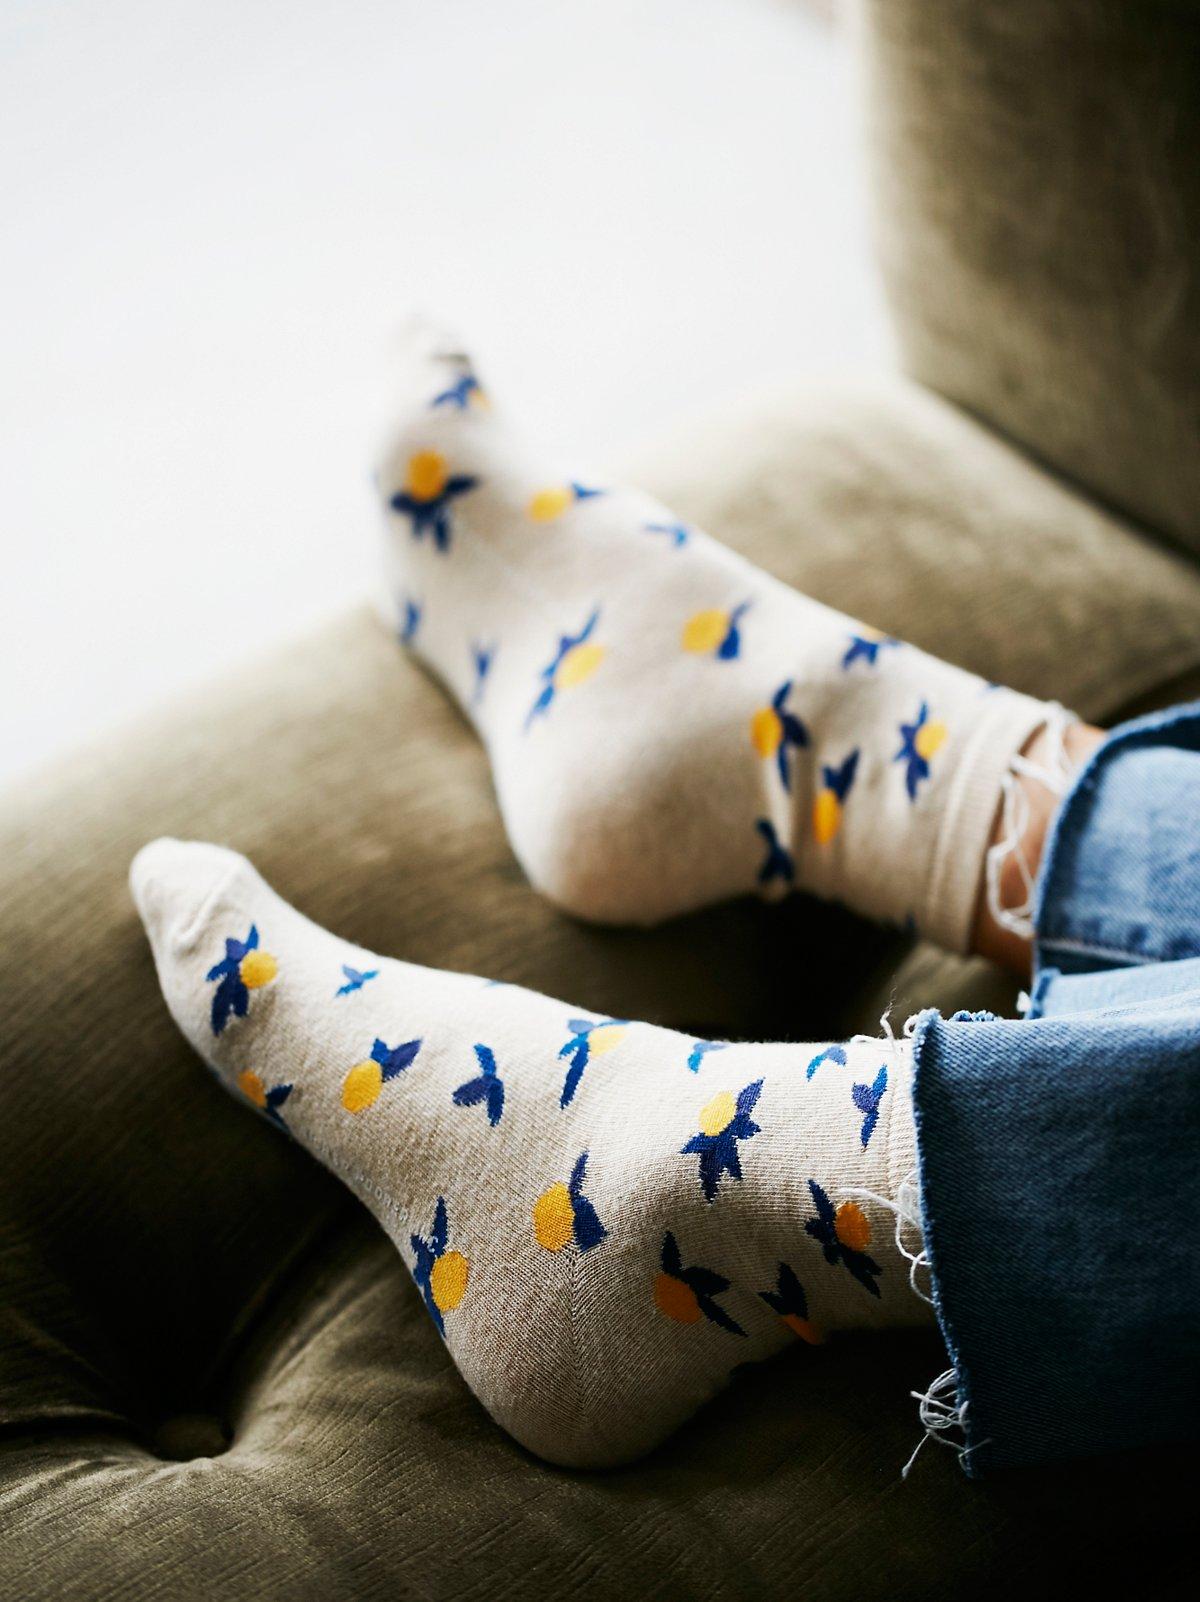 Hamlin短袜